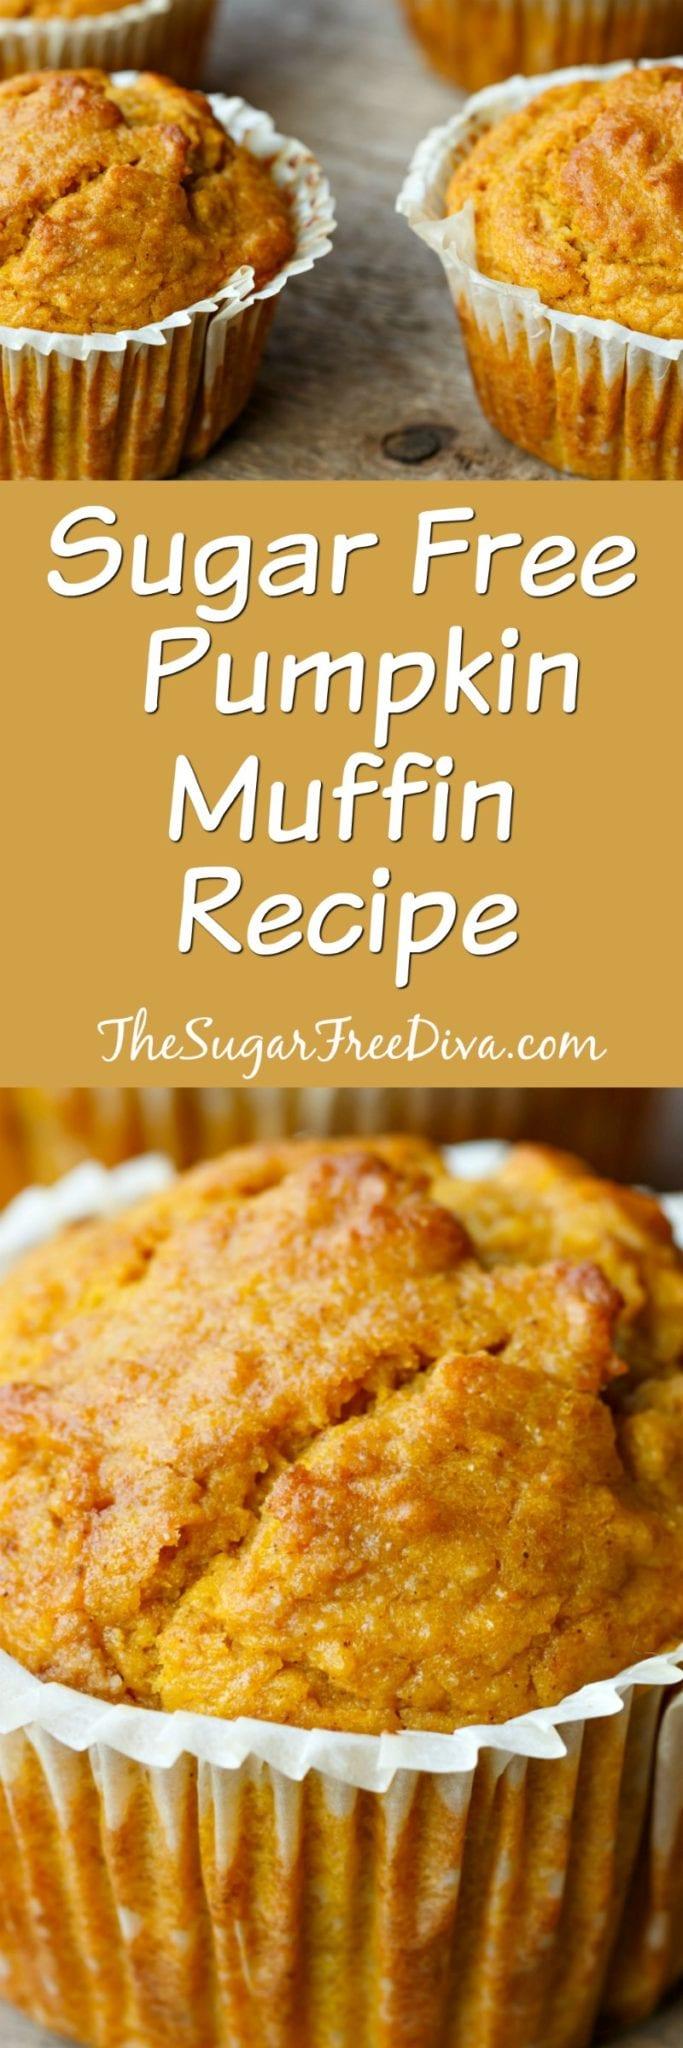 Sugar Free Pumpkin Muffin Recipe